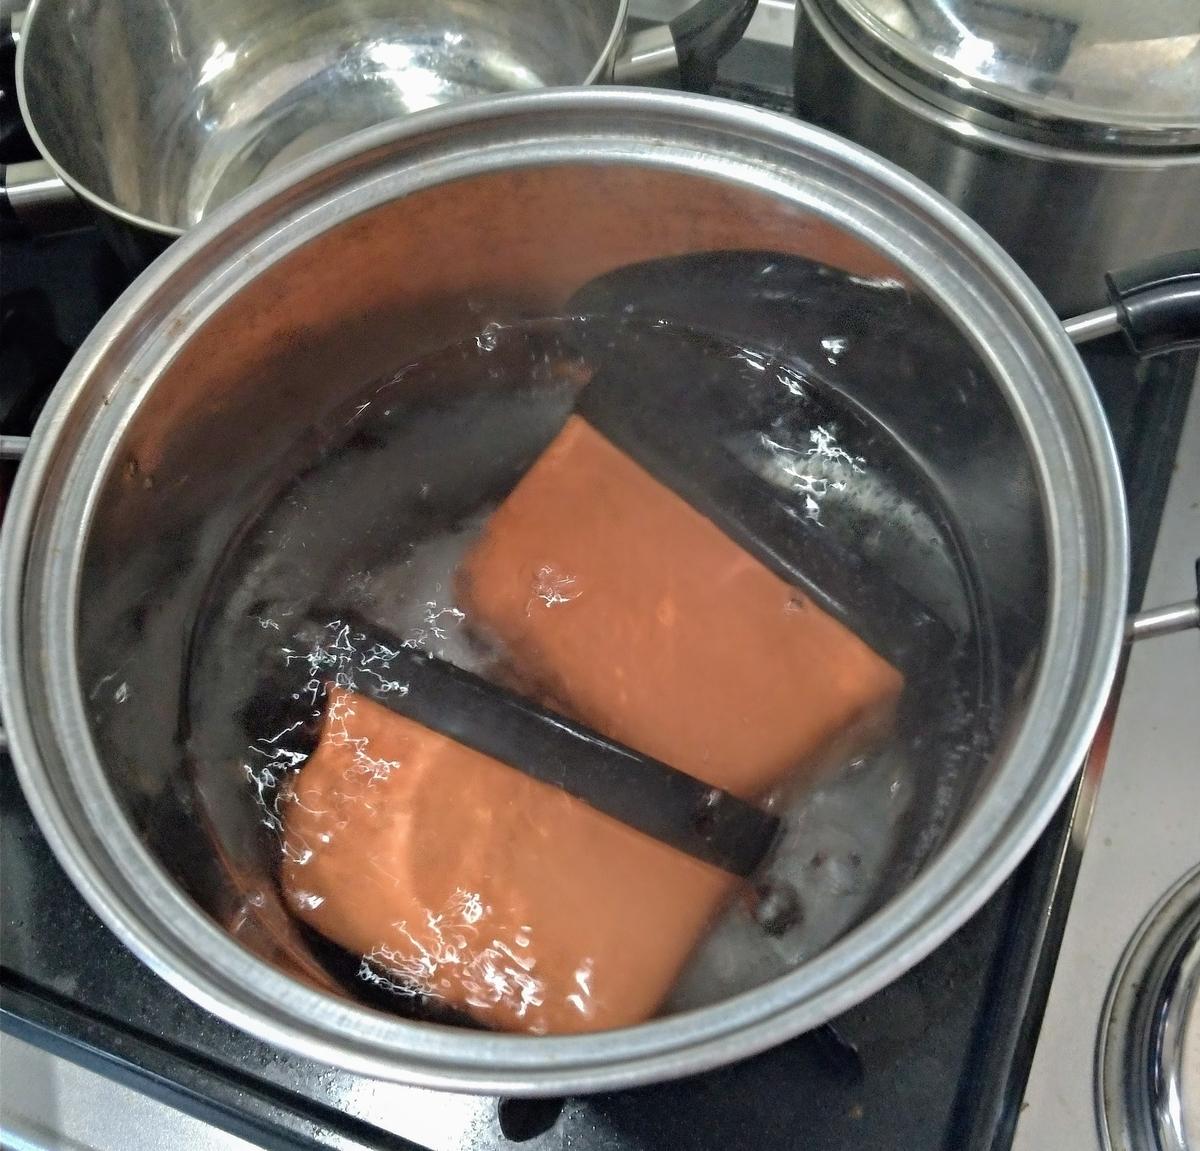 ウェットシェルター煮沸消毒